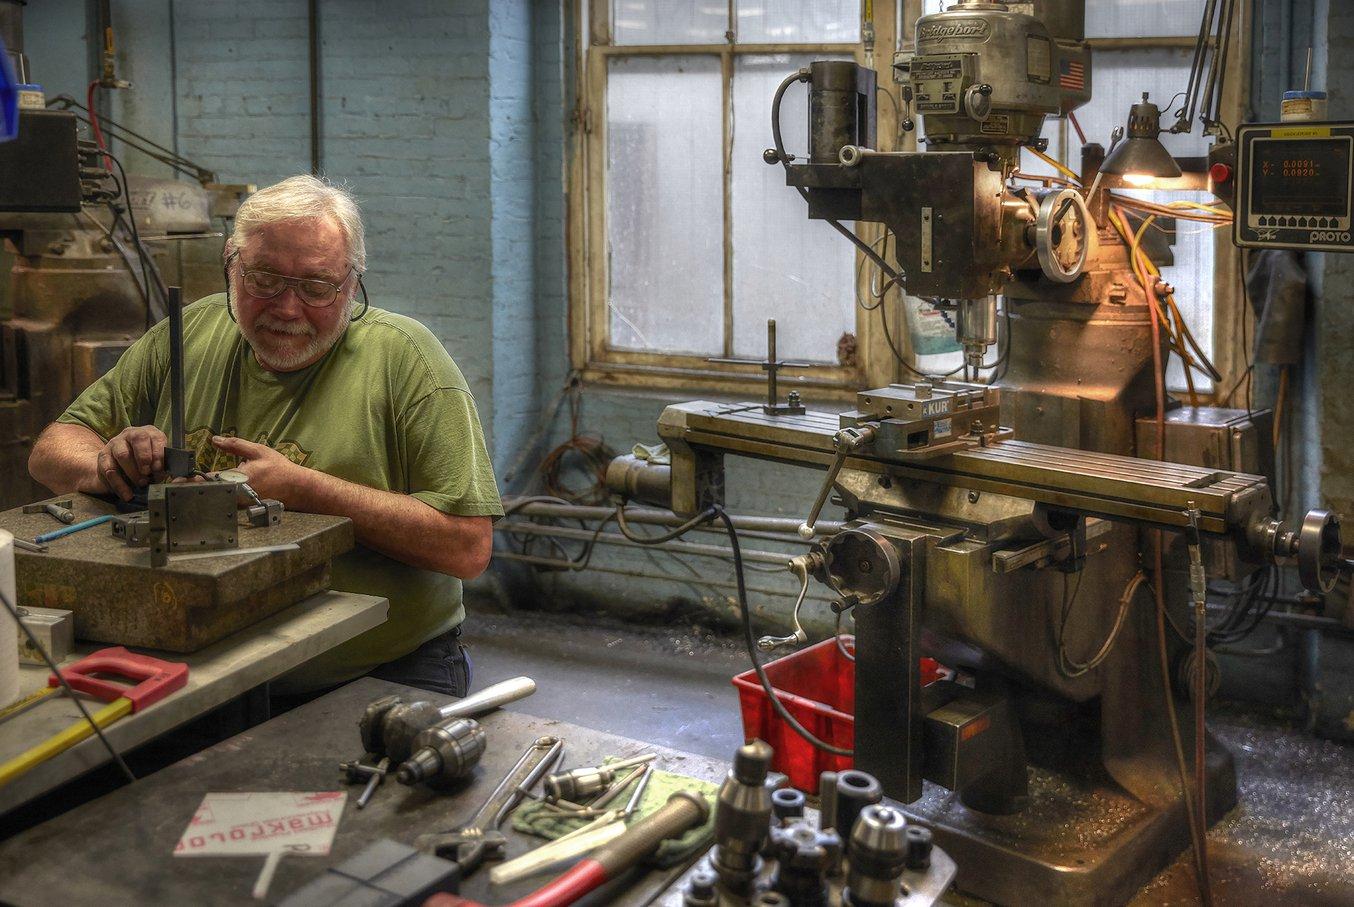 El taller de maquinaría de A&M Tool and Design incluye una amplia variedad de tecnologías, desde fresadoras de CNC Birdgeport hasta una impresora 3D SLA de escritorio.